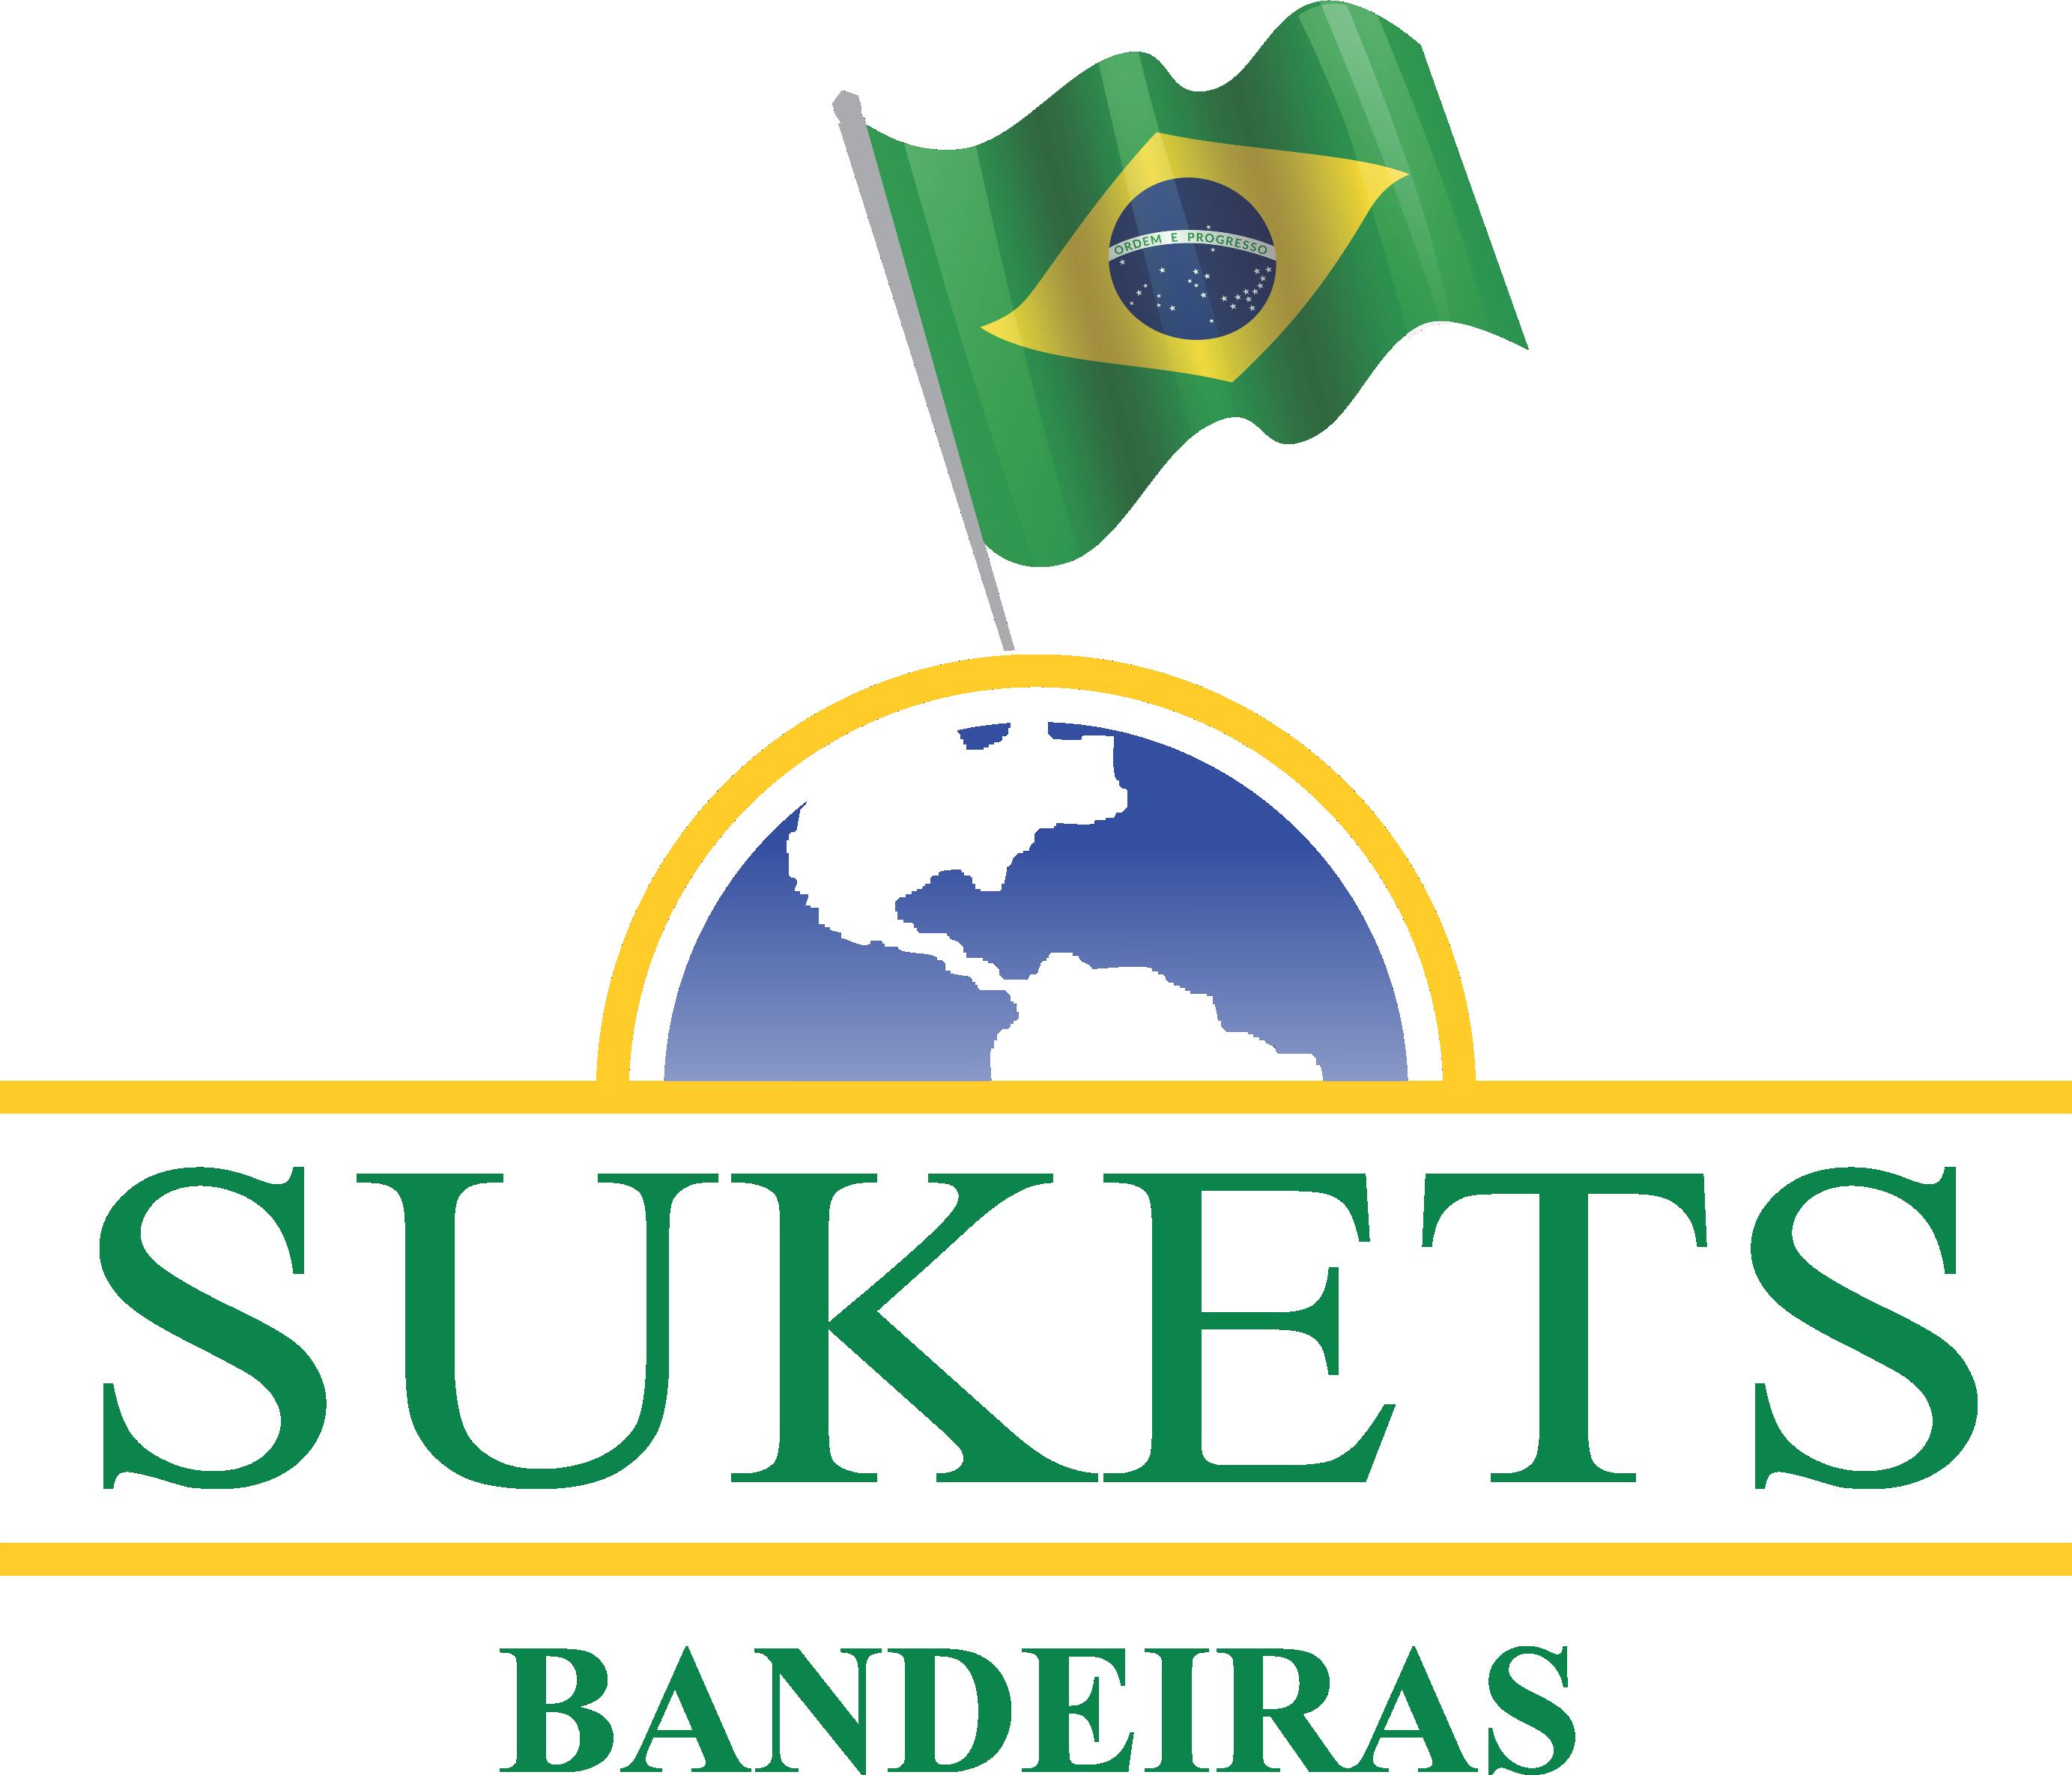 Sukets Bandeiras